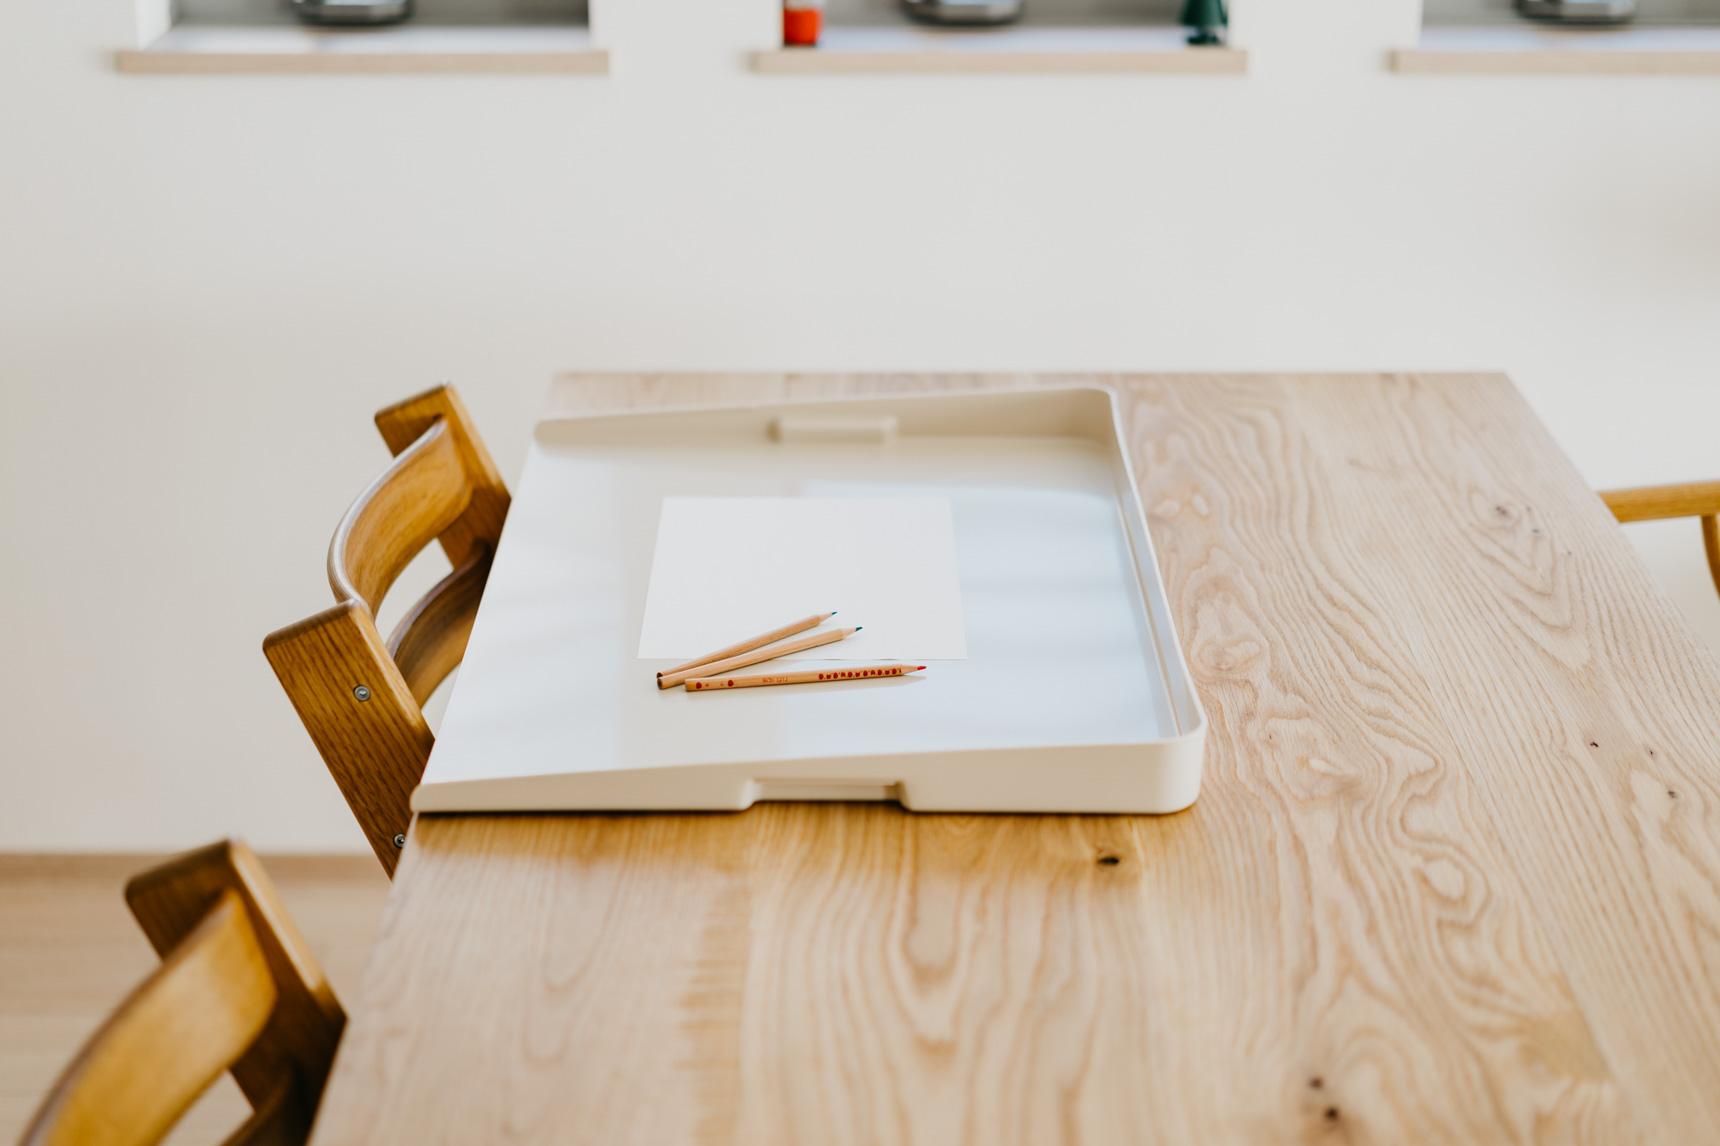 お子さんたちがリビングでお絵かきやお勉強をするときに活躍しているのが、こちらの「リビングパレット」です。